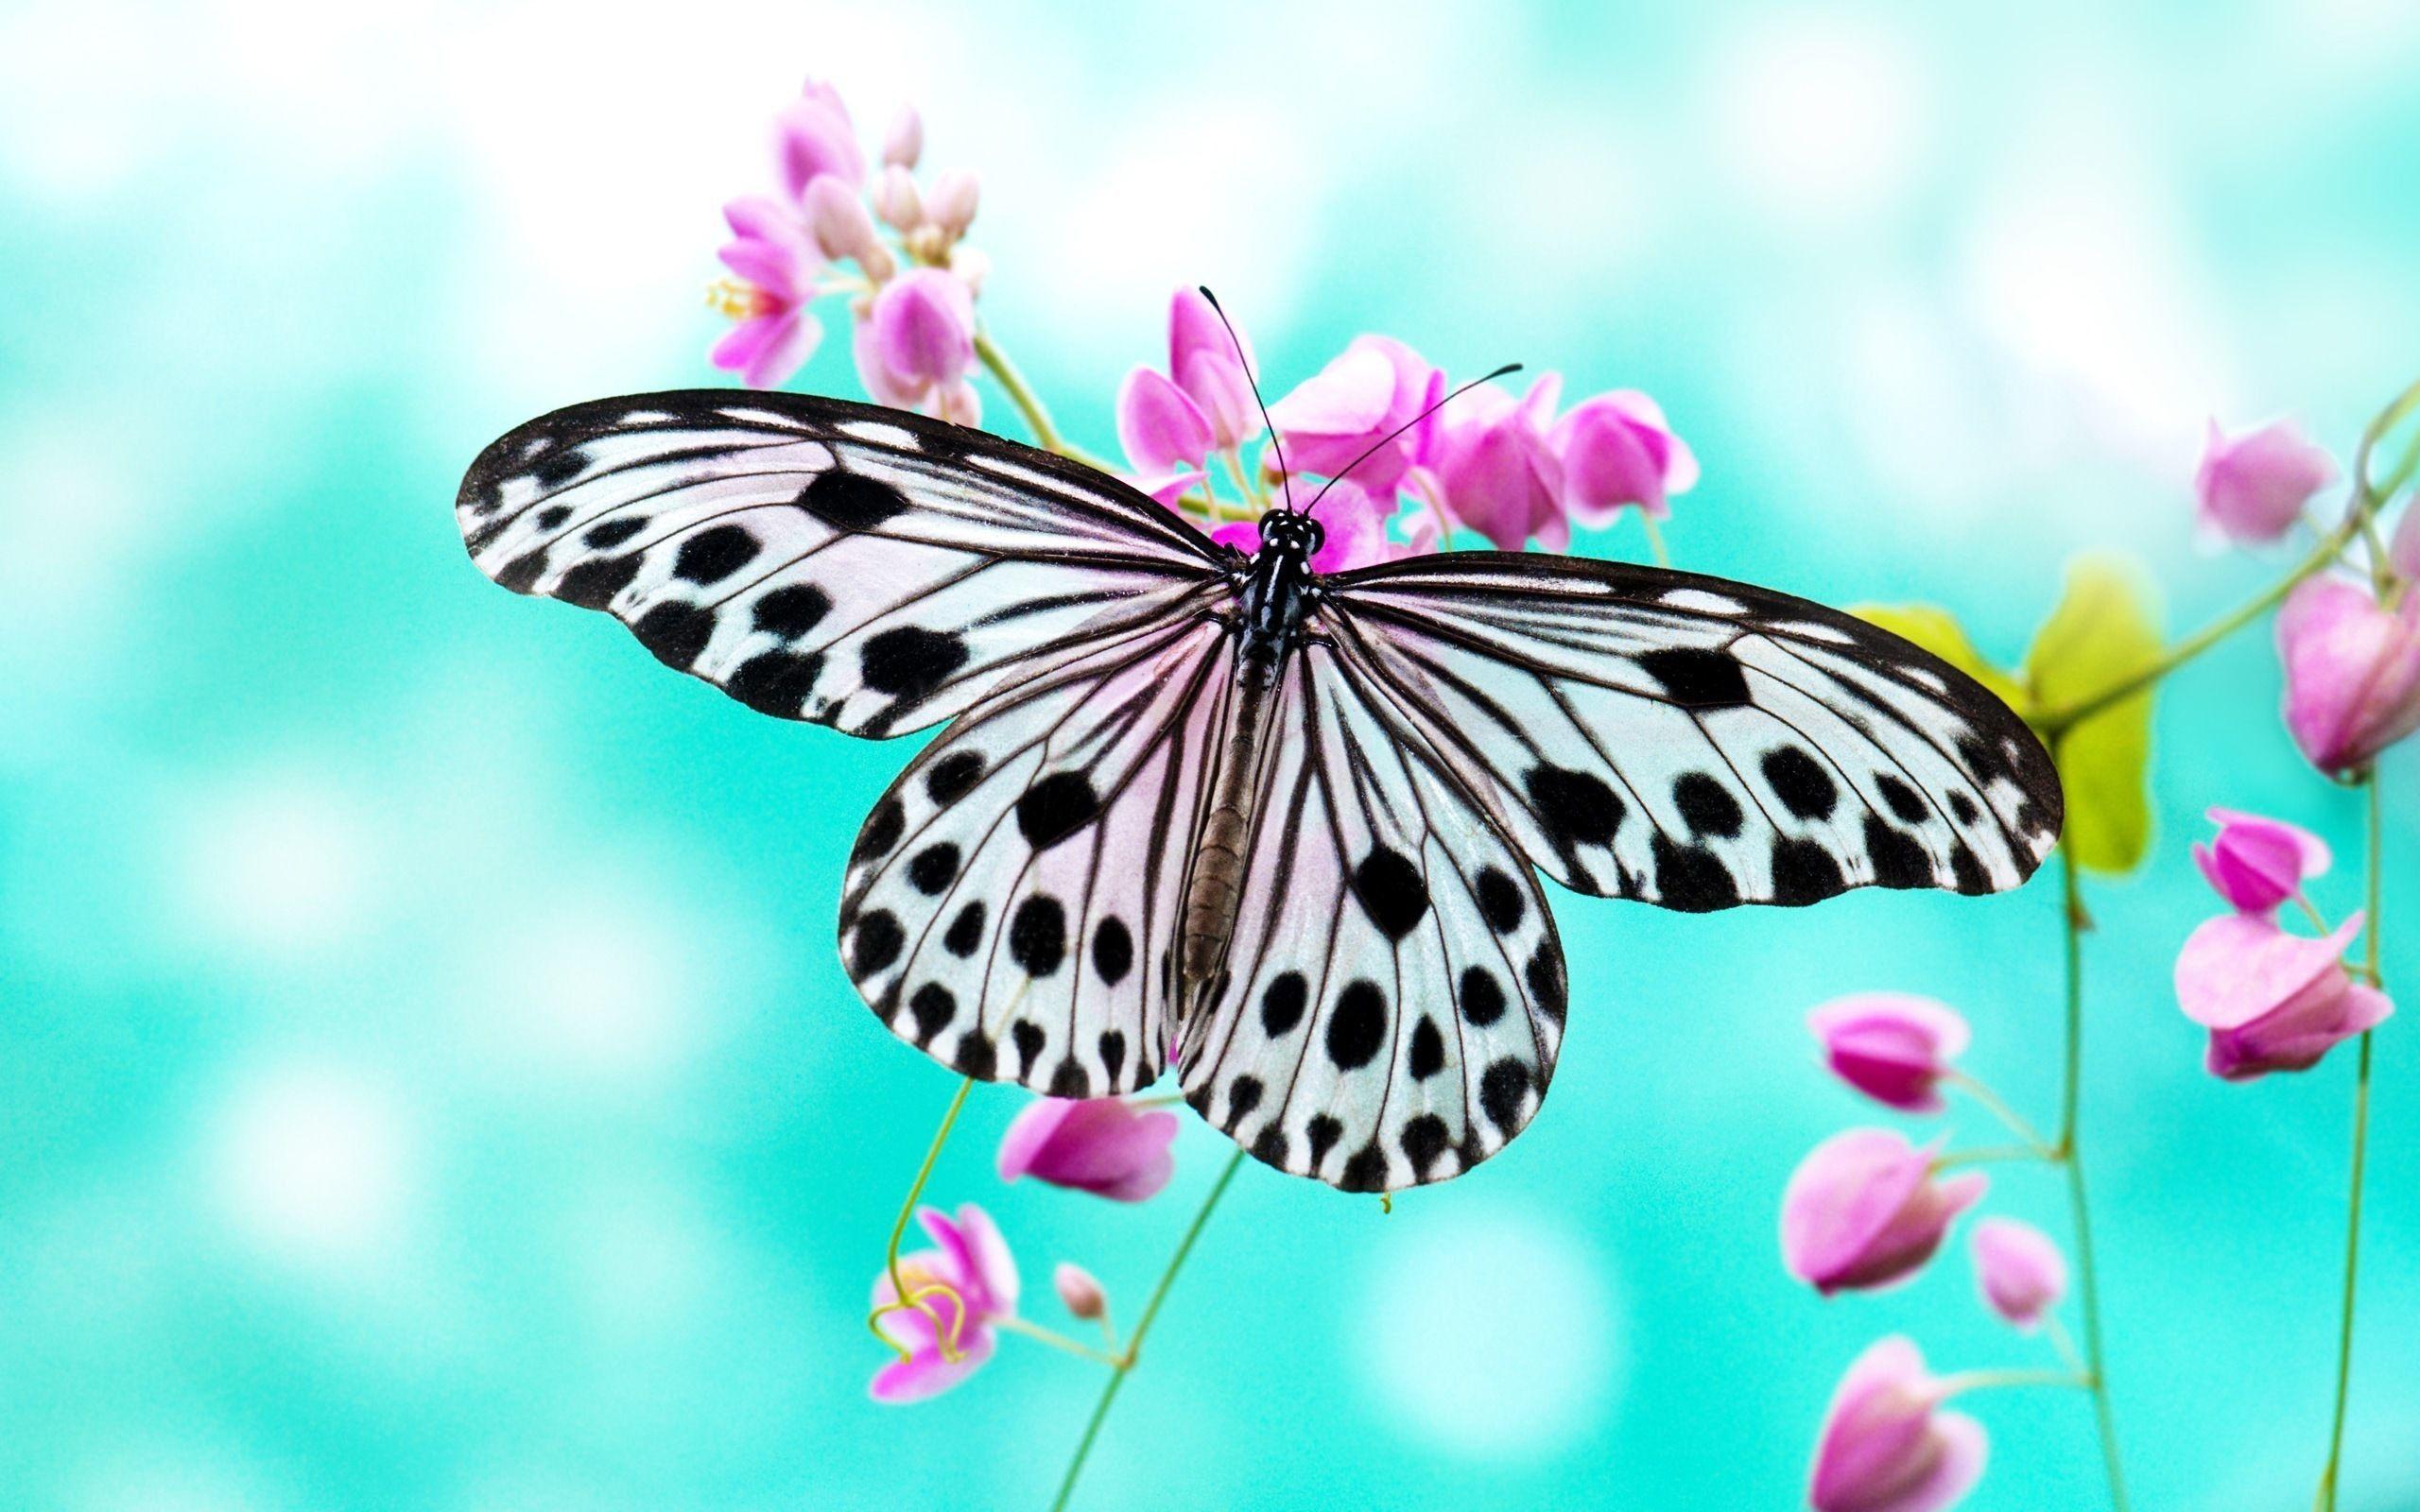 Máy tính để bàn hình nền con bướm hồng 2560x1600